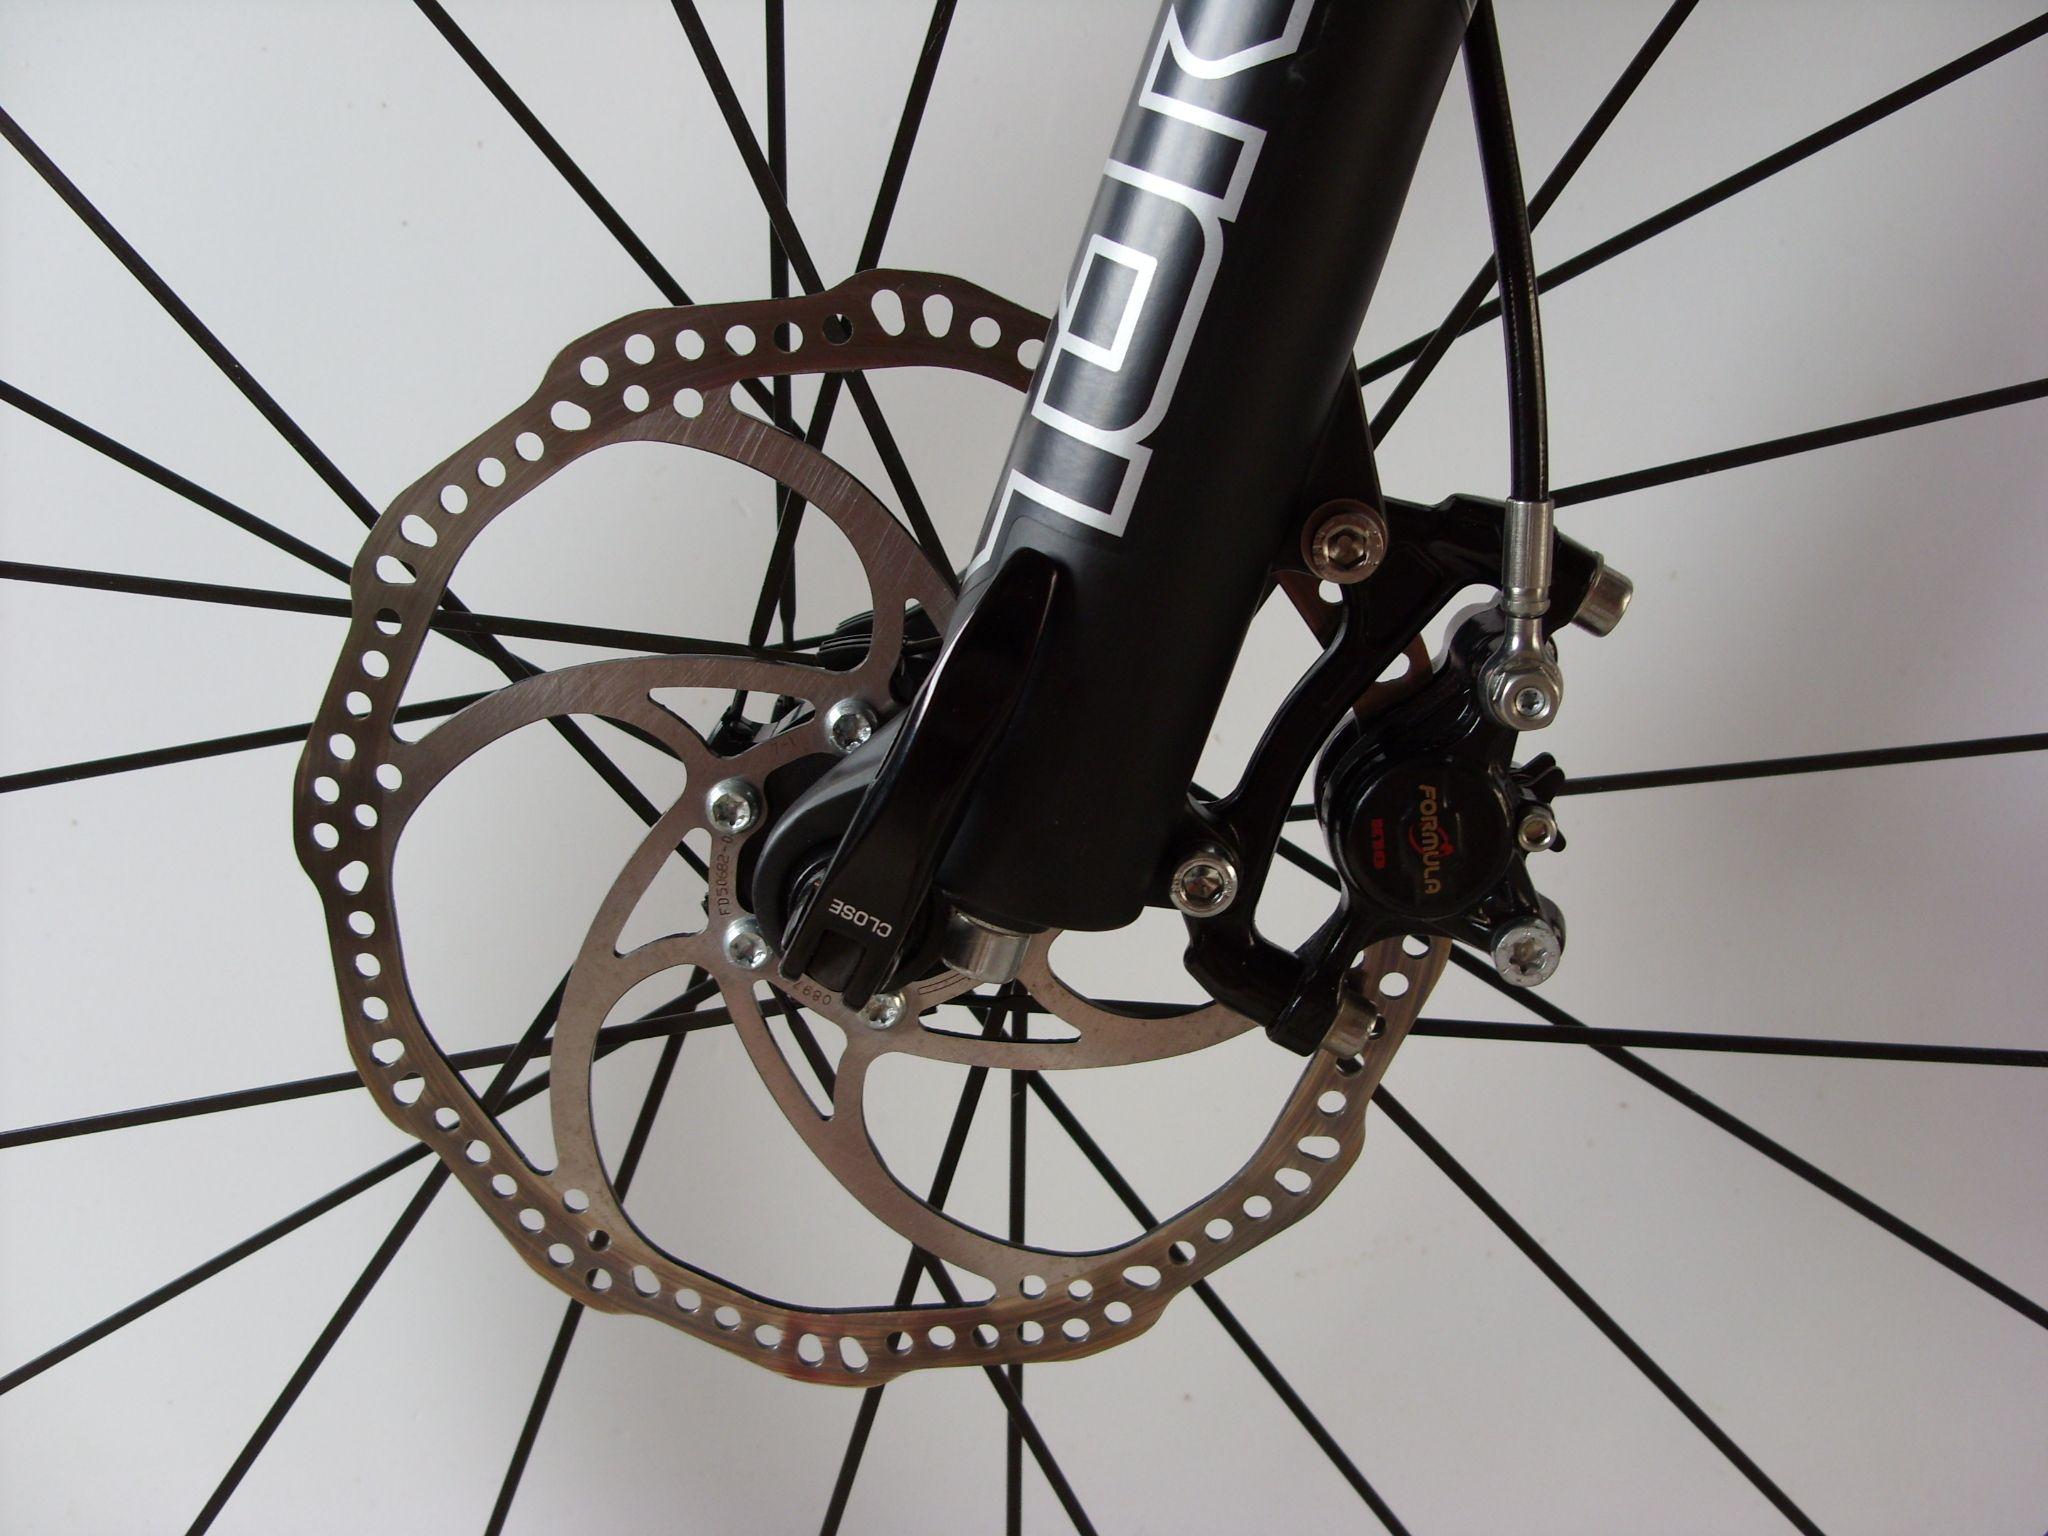 Обслуживание дисковых тормозов велосипеда: выпрямление, прокачка, устранение зазора